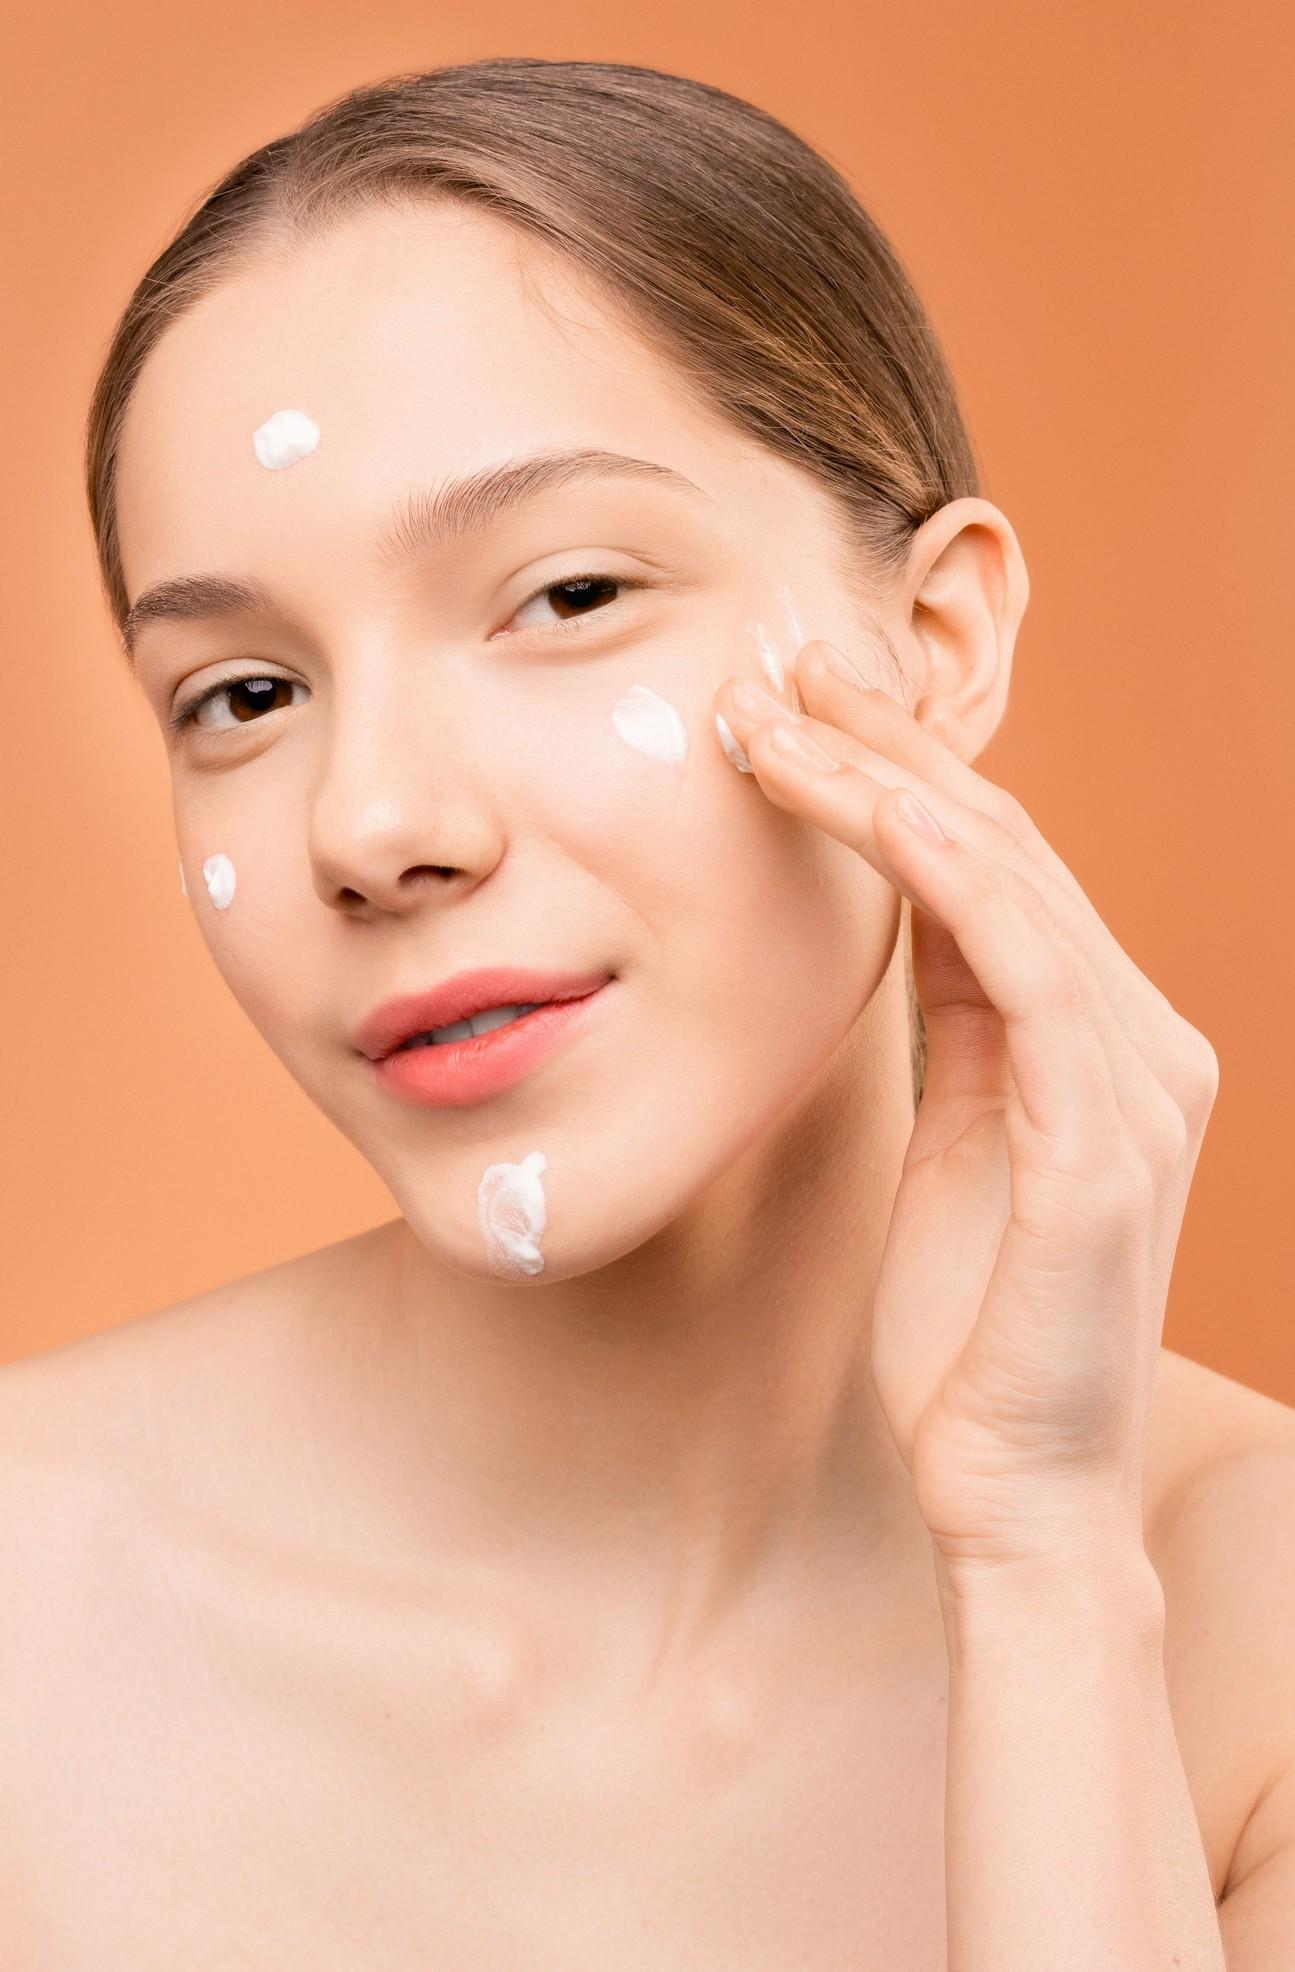 a woman applying moisturiser to her face